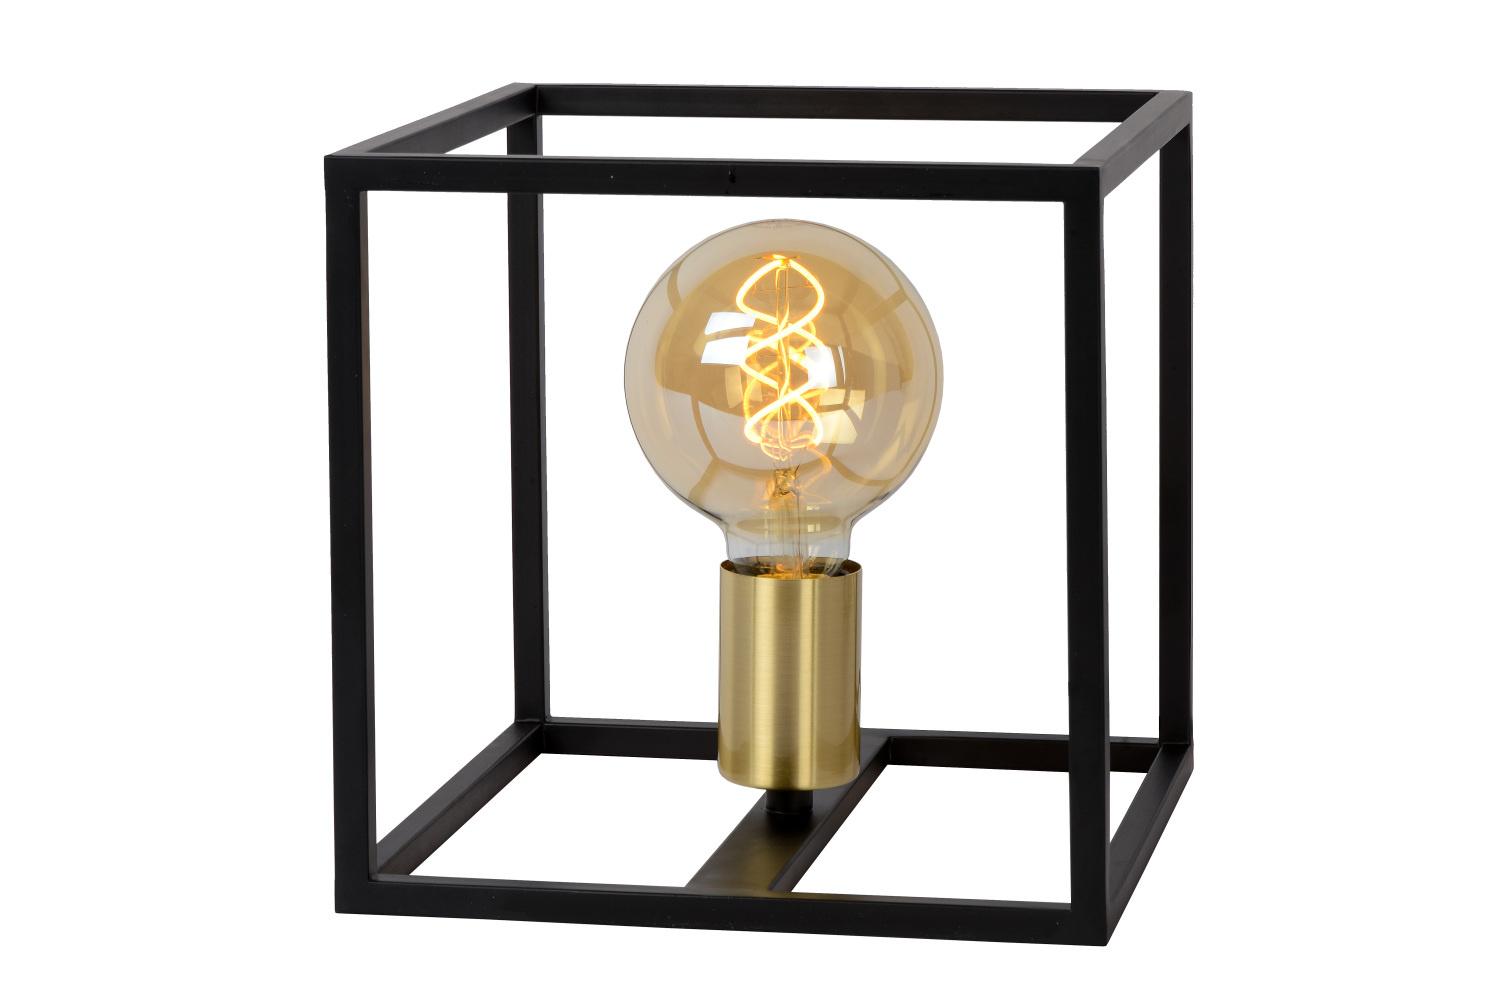 Lucide RUBEN Tafellamp 1x E27 40W Zwart - mat goud